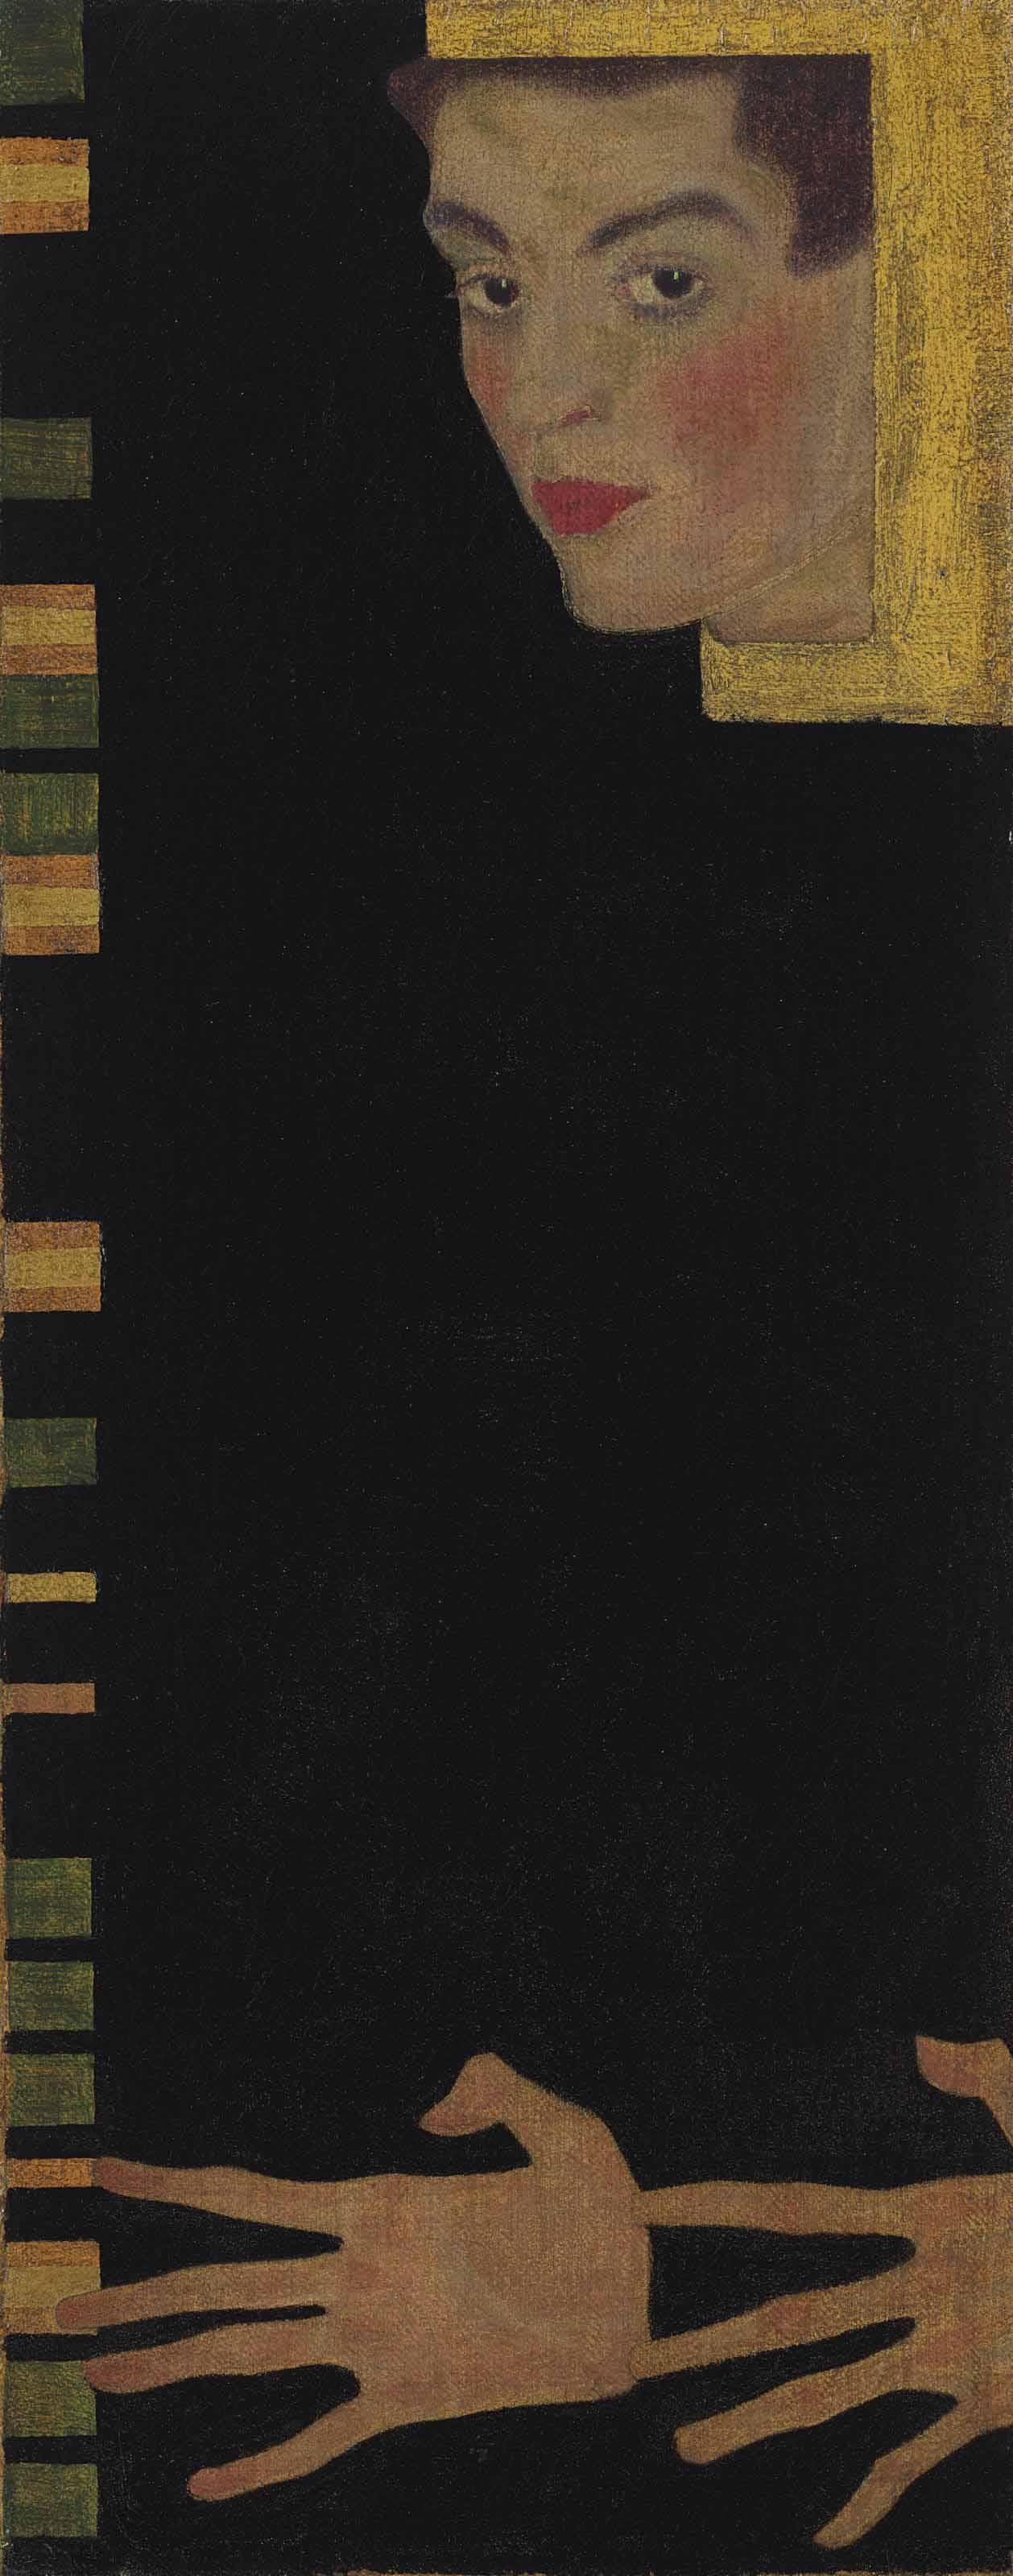 Audio: Egon Schiele's Selbstbildnis mit gespreizten Finger